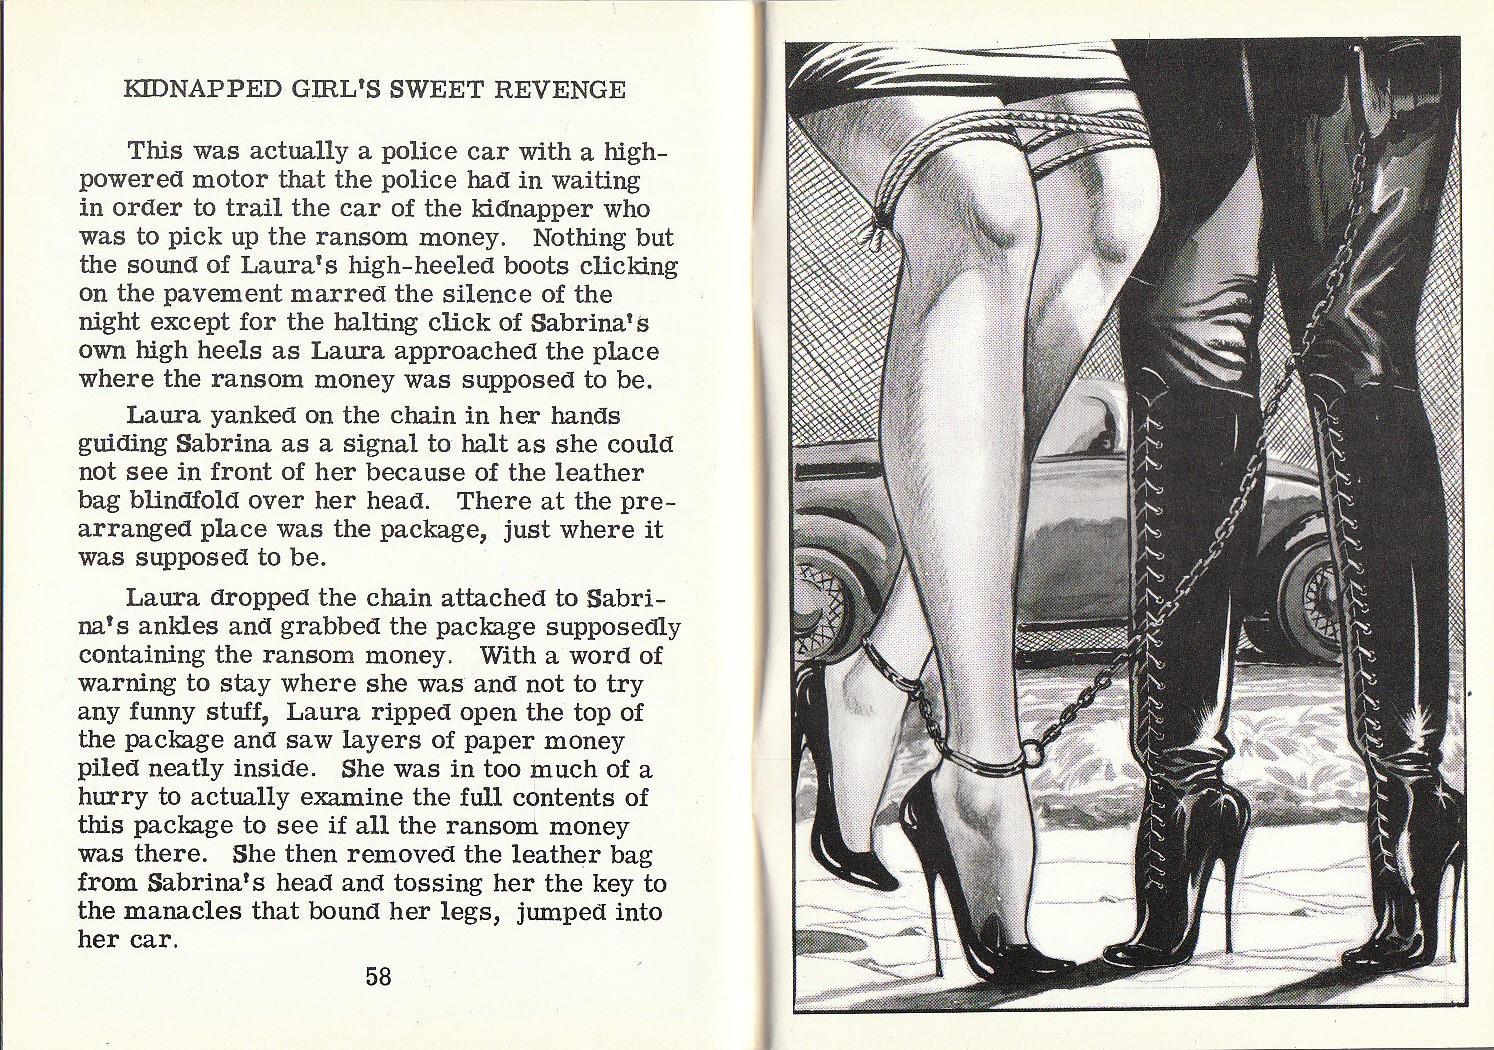 Kidnapped Girl's Sweet Revenge: Eneg [Gene Bilbrew]